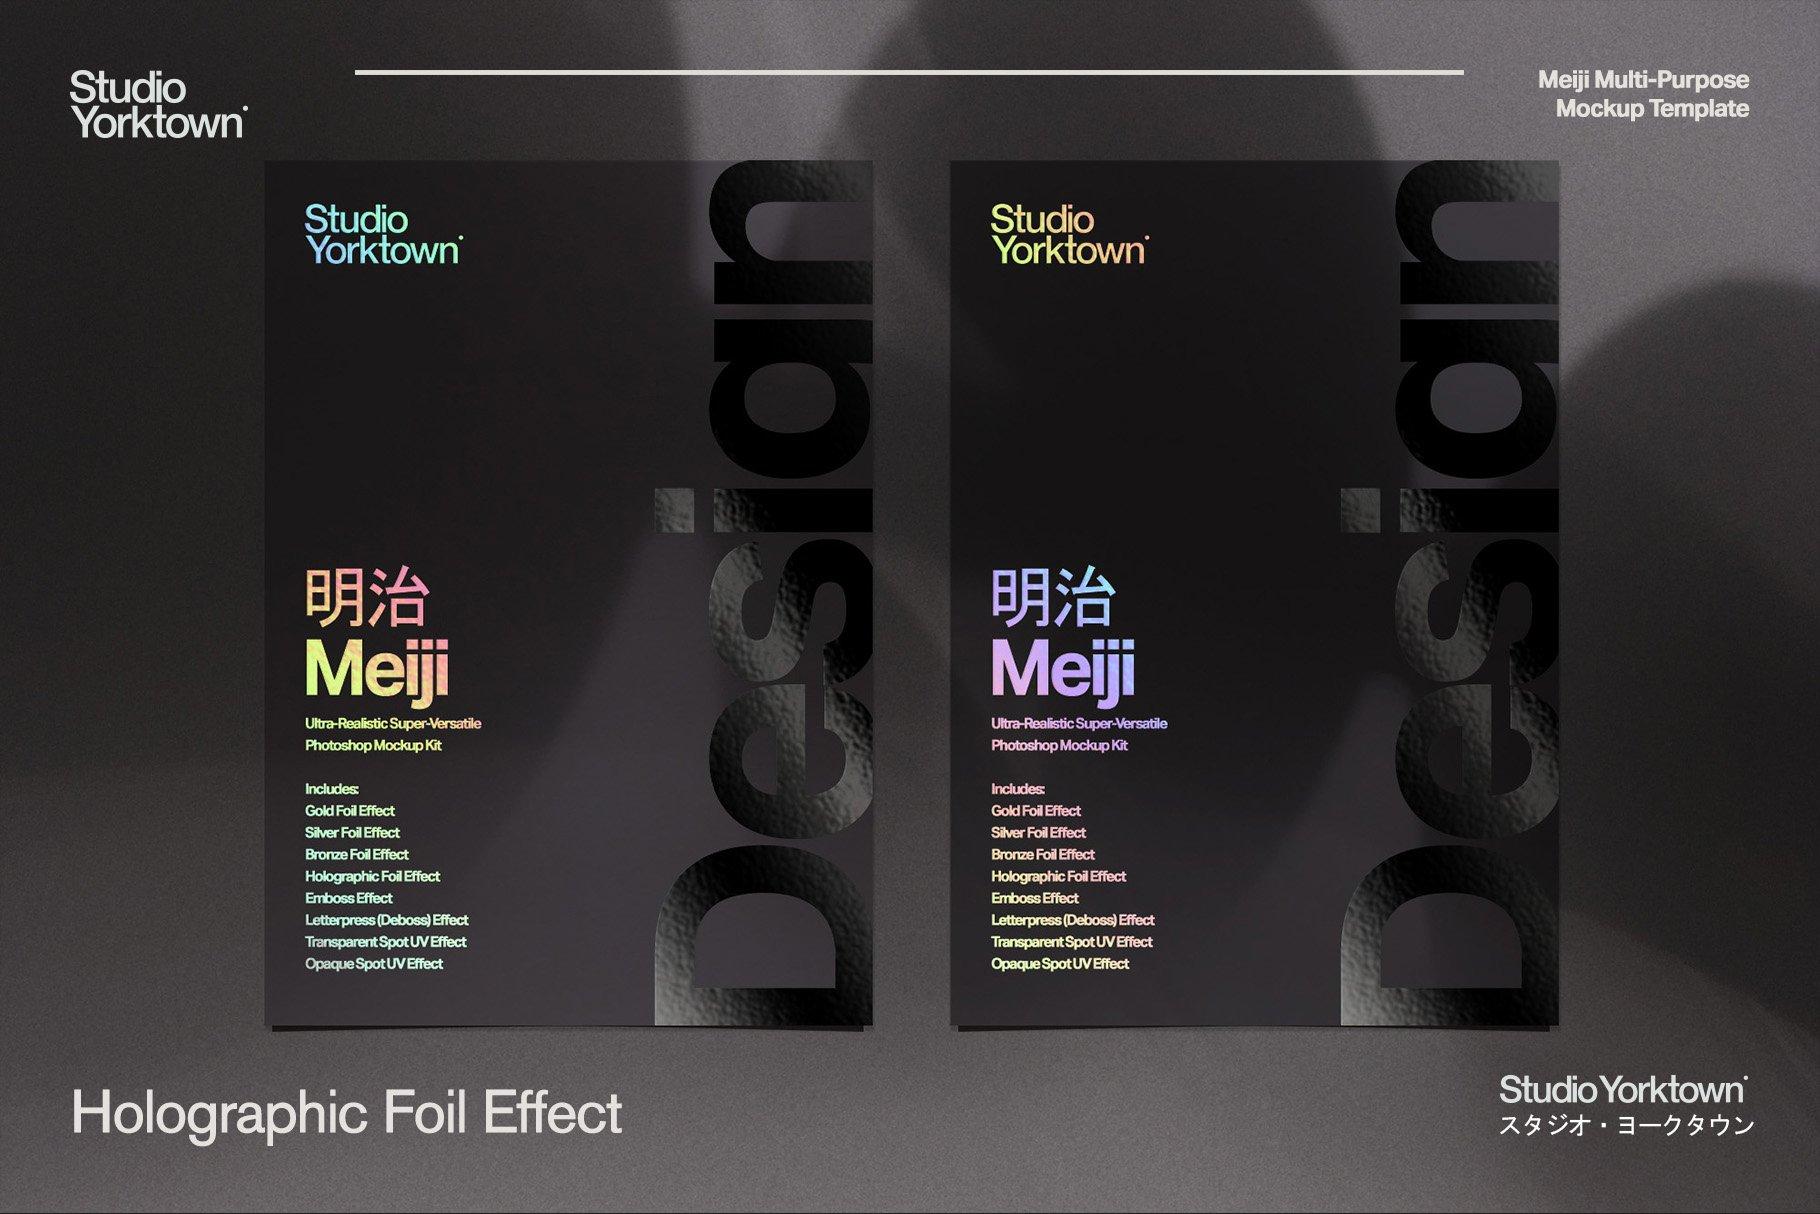 [淘宝购买] 潮流多功能压印铝箔虹彩效果办公用品场景样机套件 Meiji Multi Effect Mockup Template插图(16)